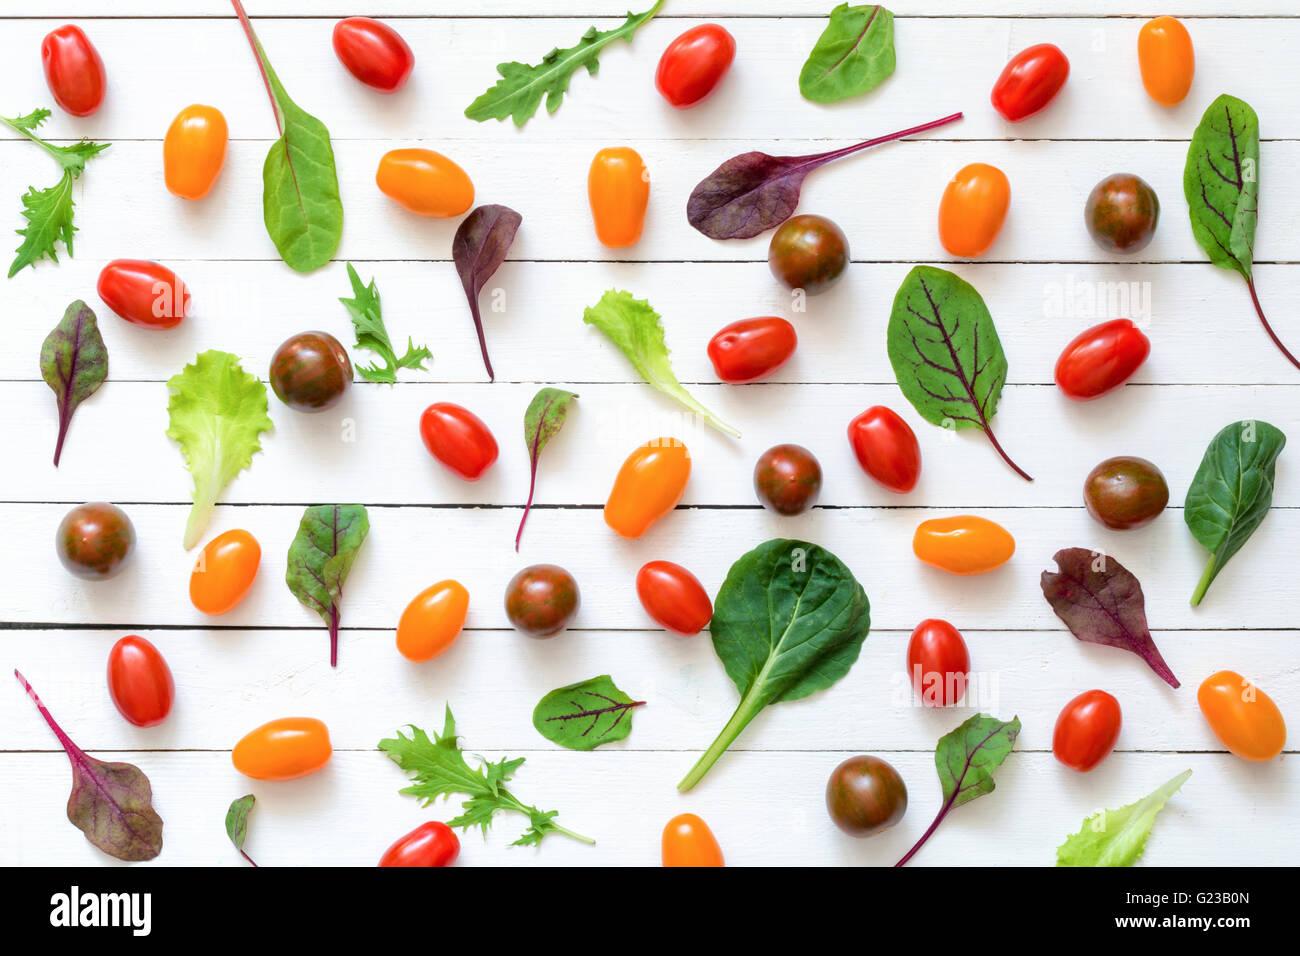 Colorate laici piana degli ingredienti alimentari. Cibo sano e sfondo Immagini Stock